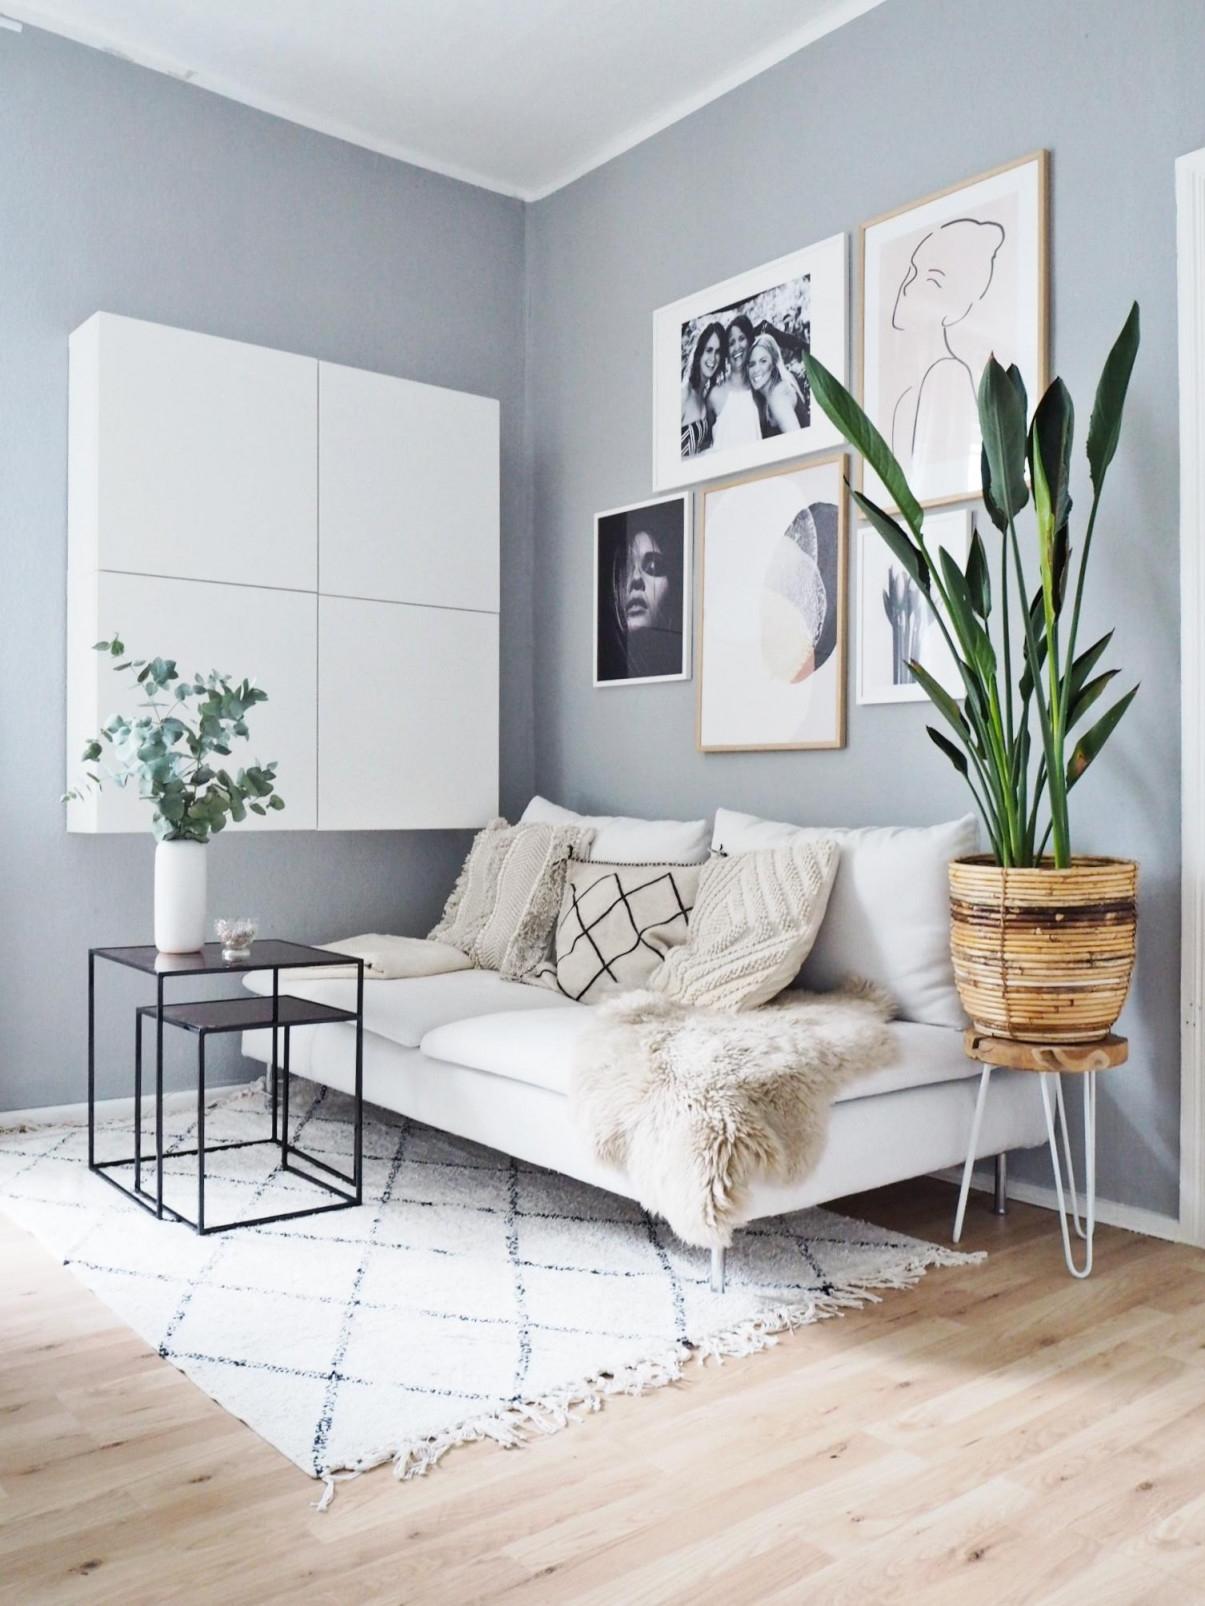 Bilderwandideen Inspiration Bei Couch von Bilderwand Ideen Wohnzimmer Photo